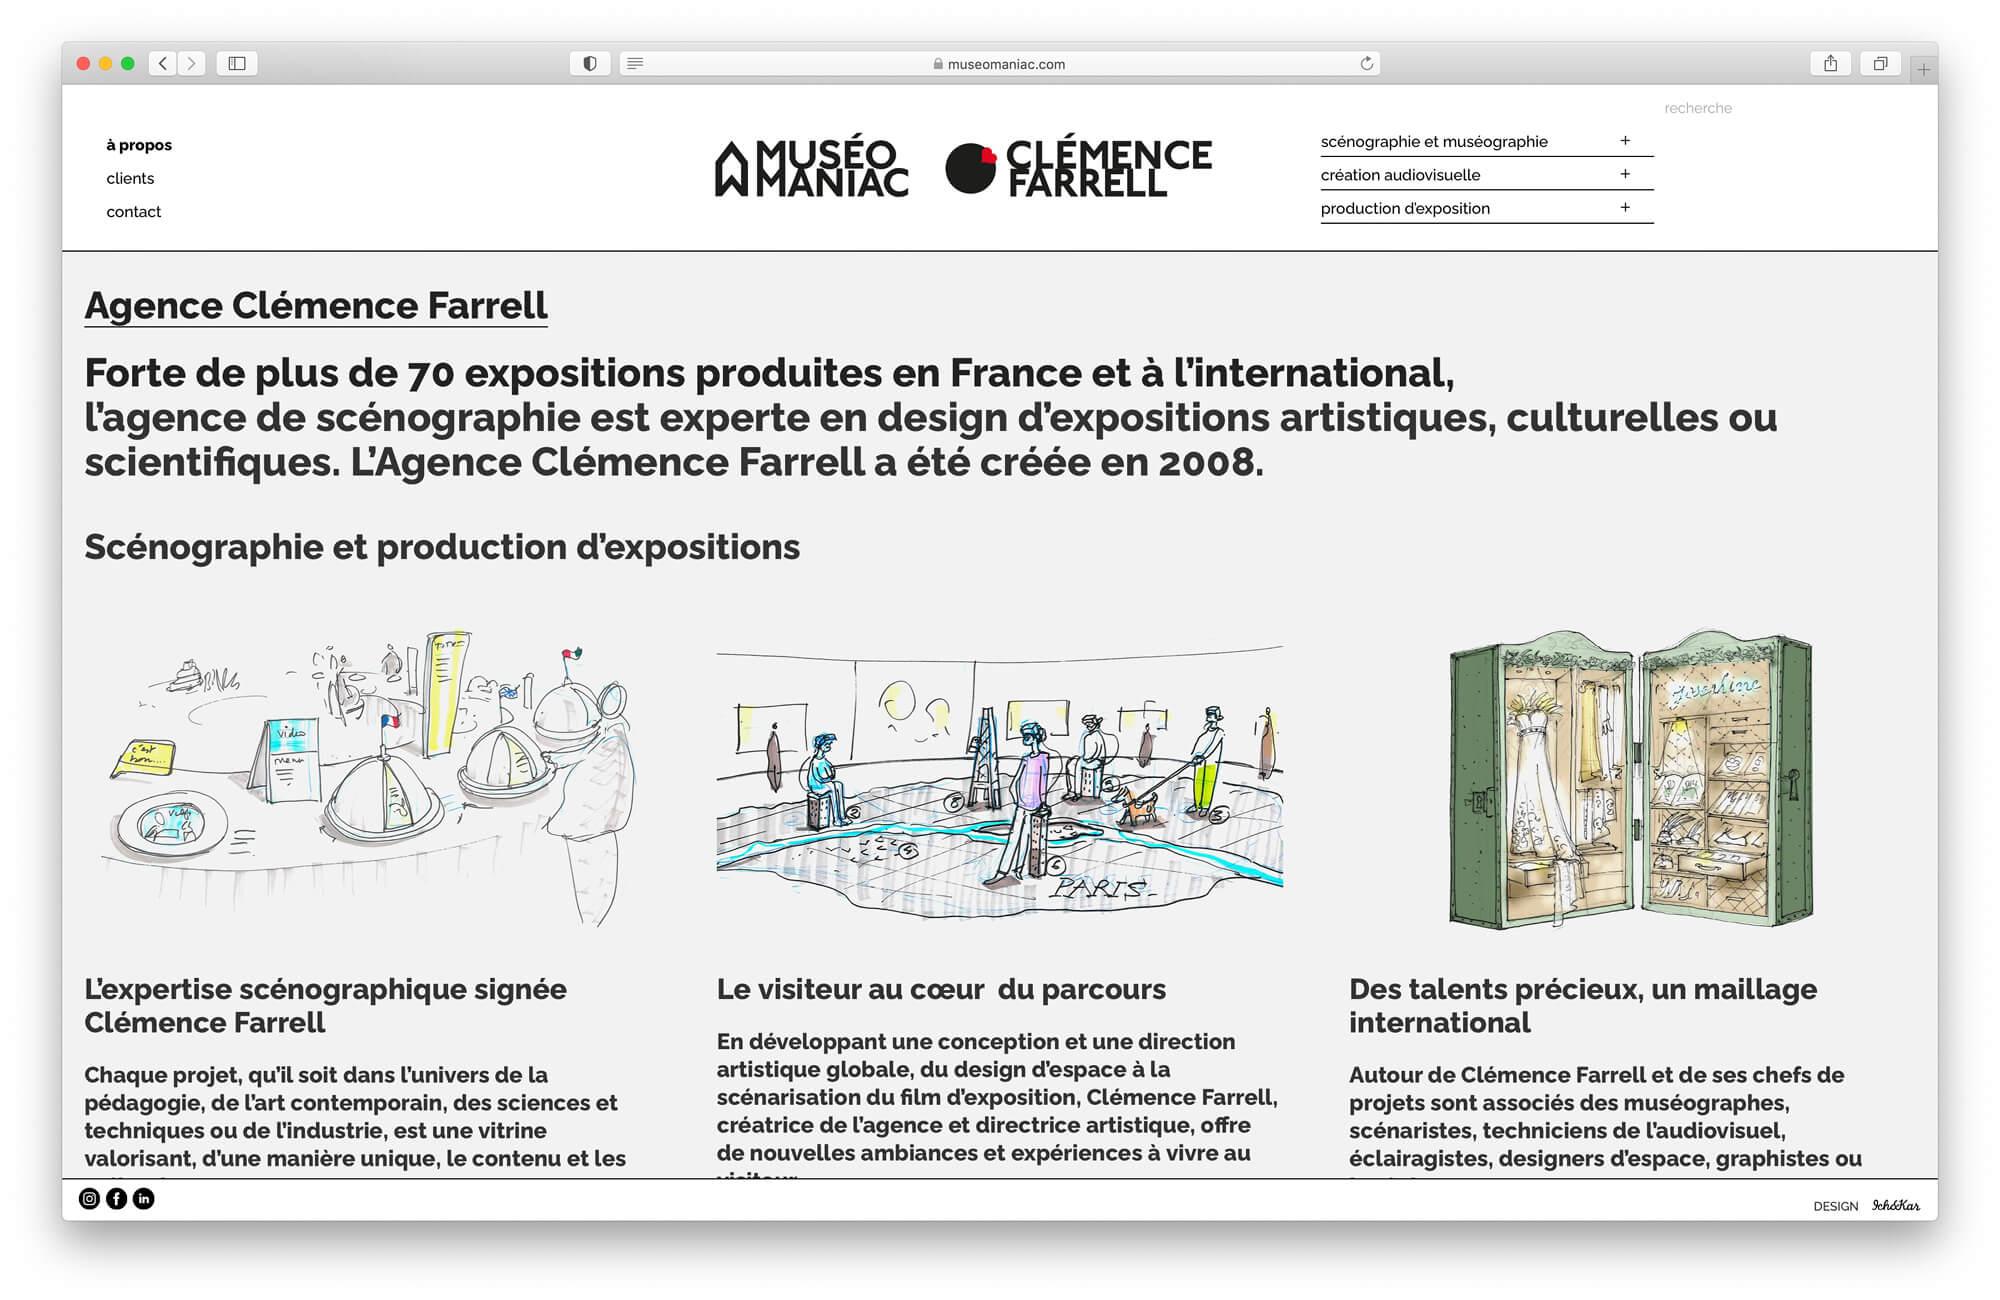 Les dessins de Clémence Farrell viennent illustrer les differentes parties developpé dans la page à propos, maquette web Helena Ichbiah